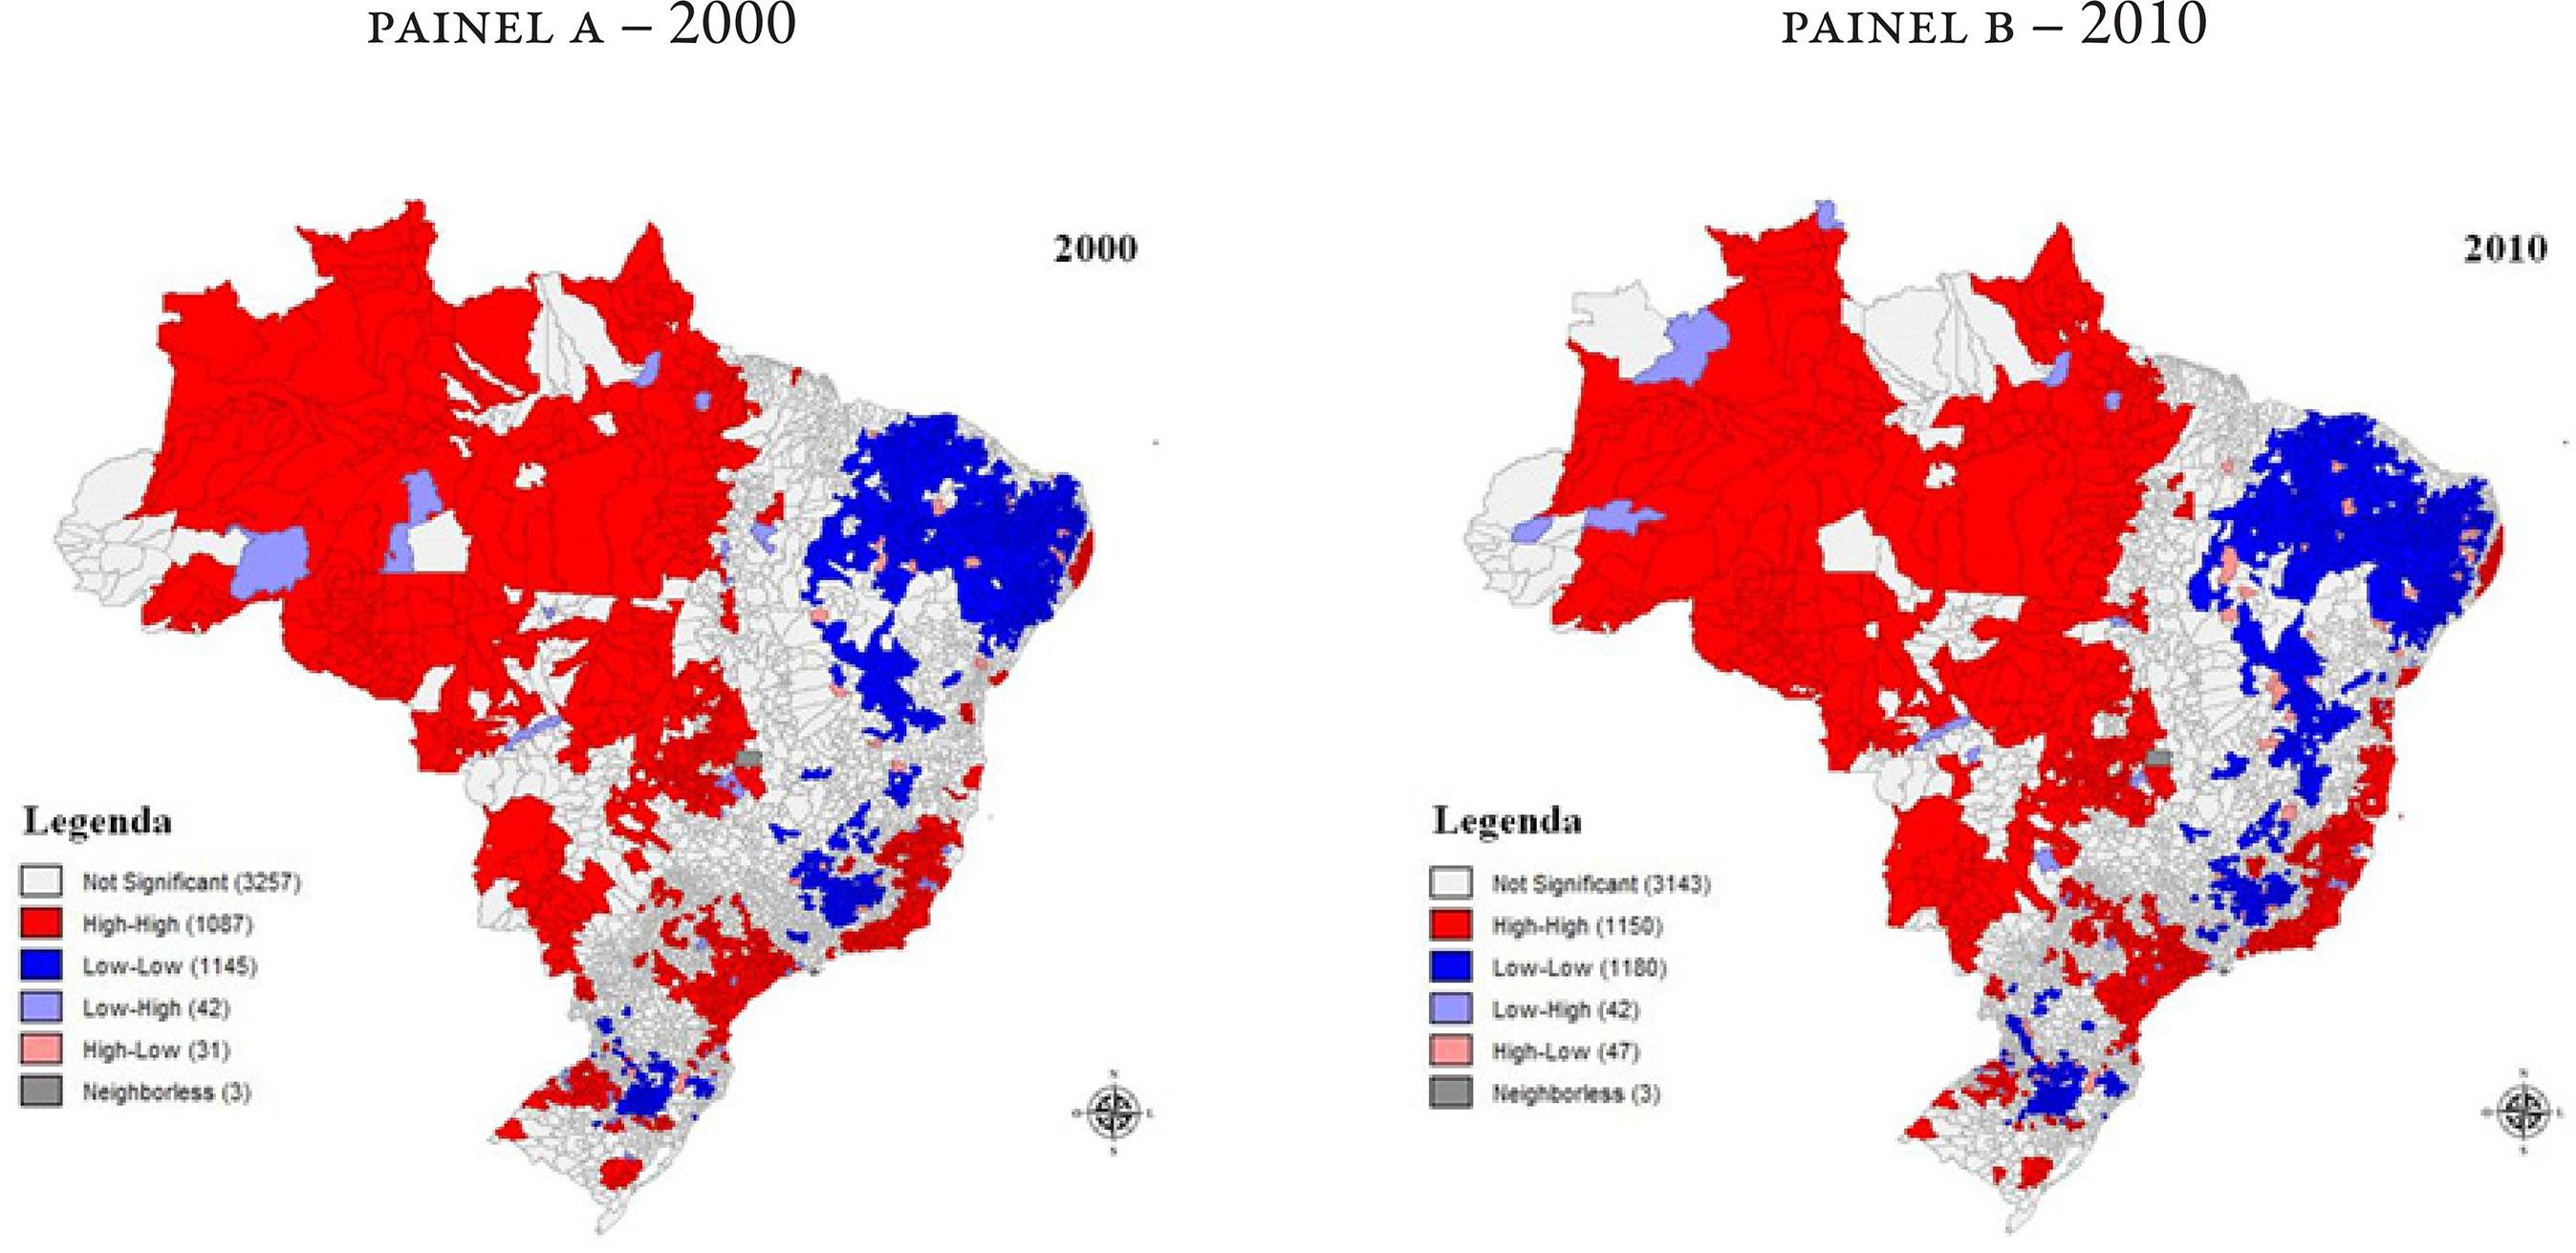 Agrupamentos de Municípios com Base na Razão Evangélicos/Católicos (Índice de Moran Local), Brasil, 2000 e 2010